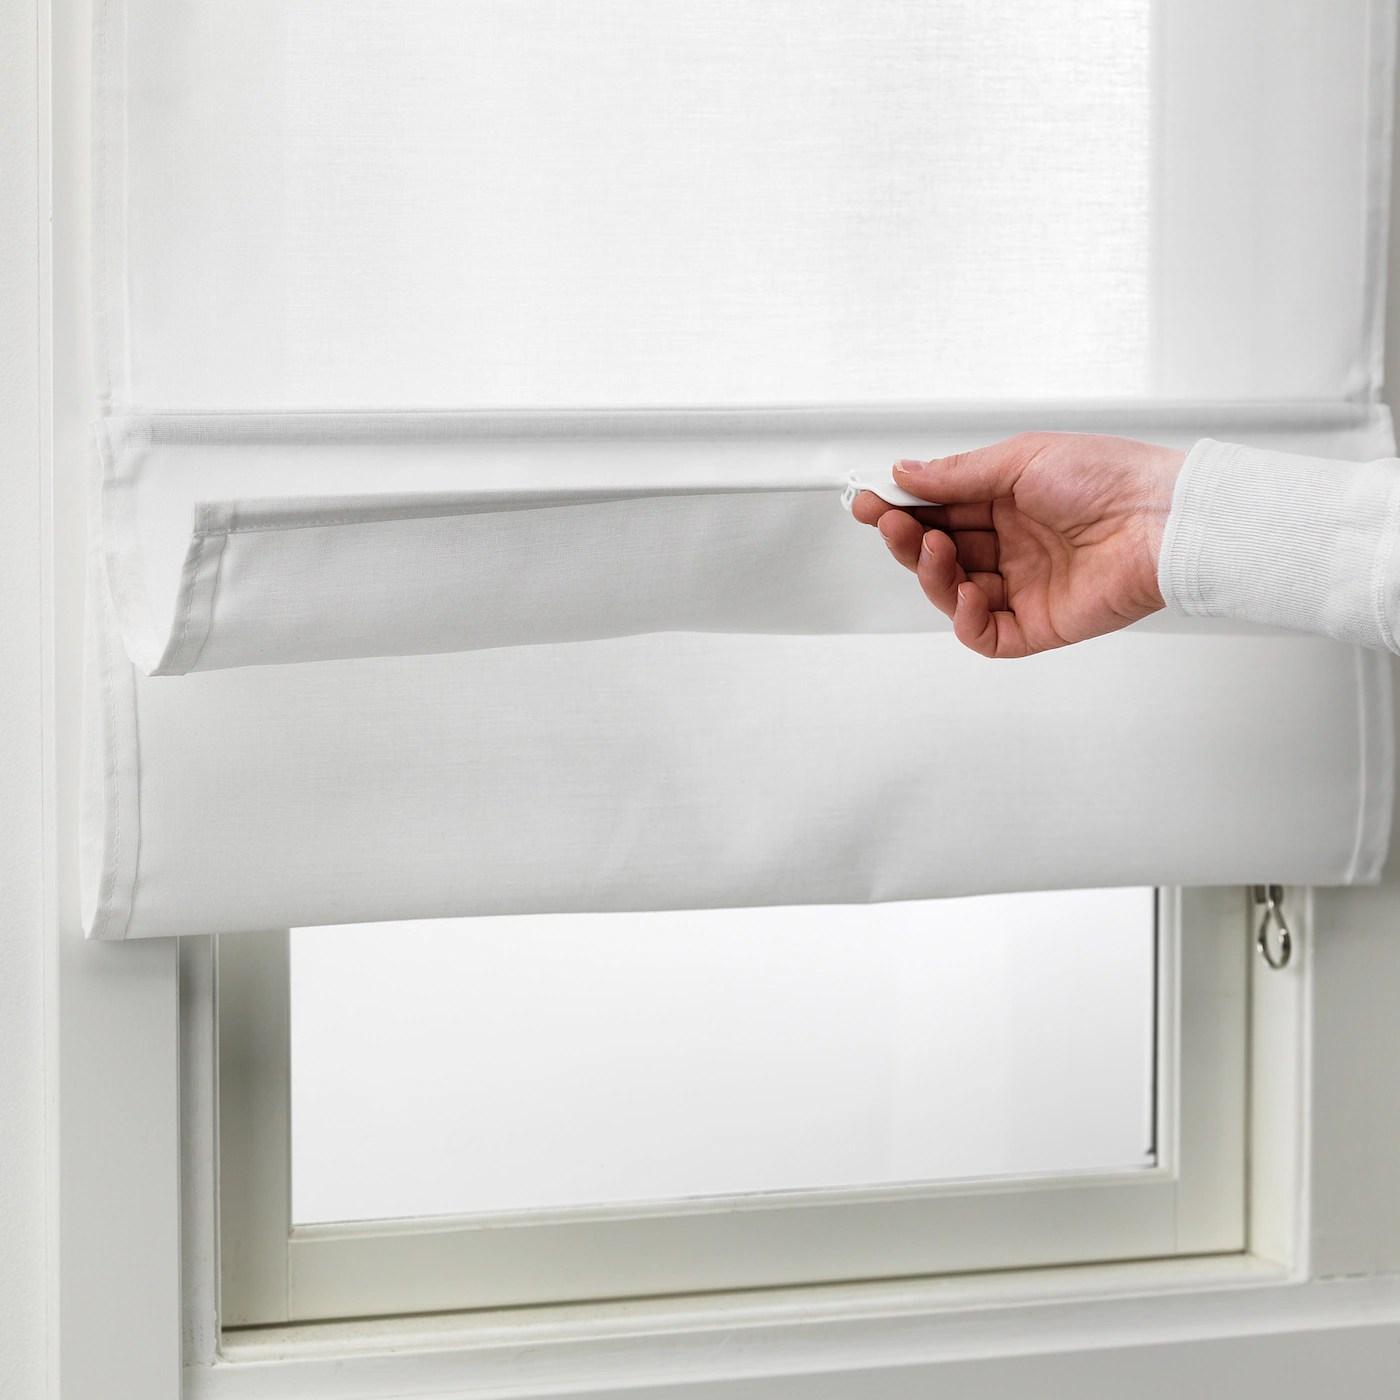 Come scegliere quelle giuste tende ikea 2021: Ringblomma Tenda A Pacchetto Bianco 60x160 Cm Ikea It